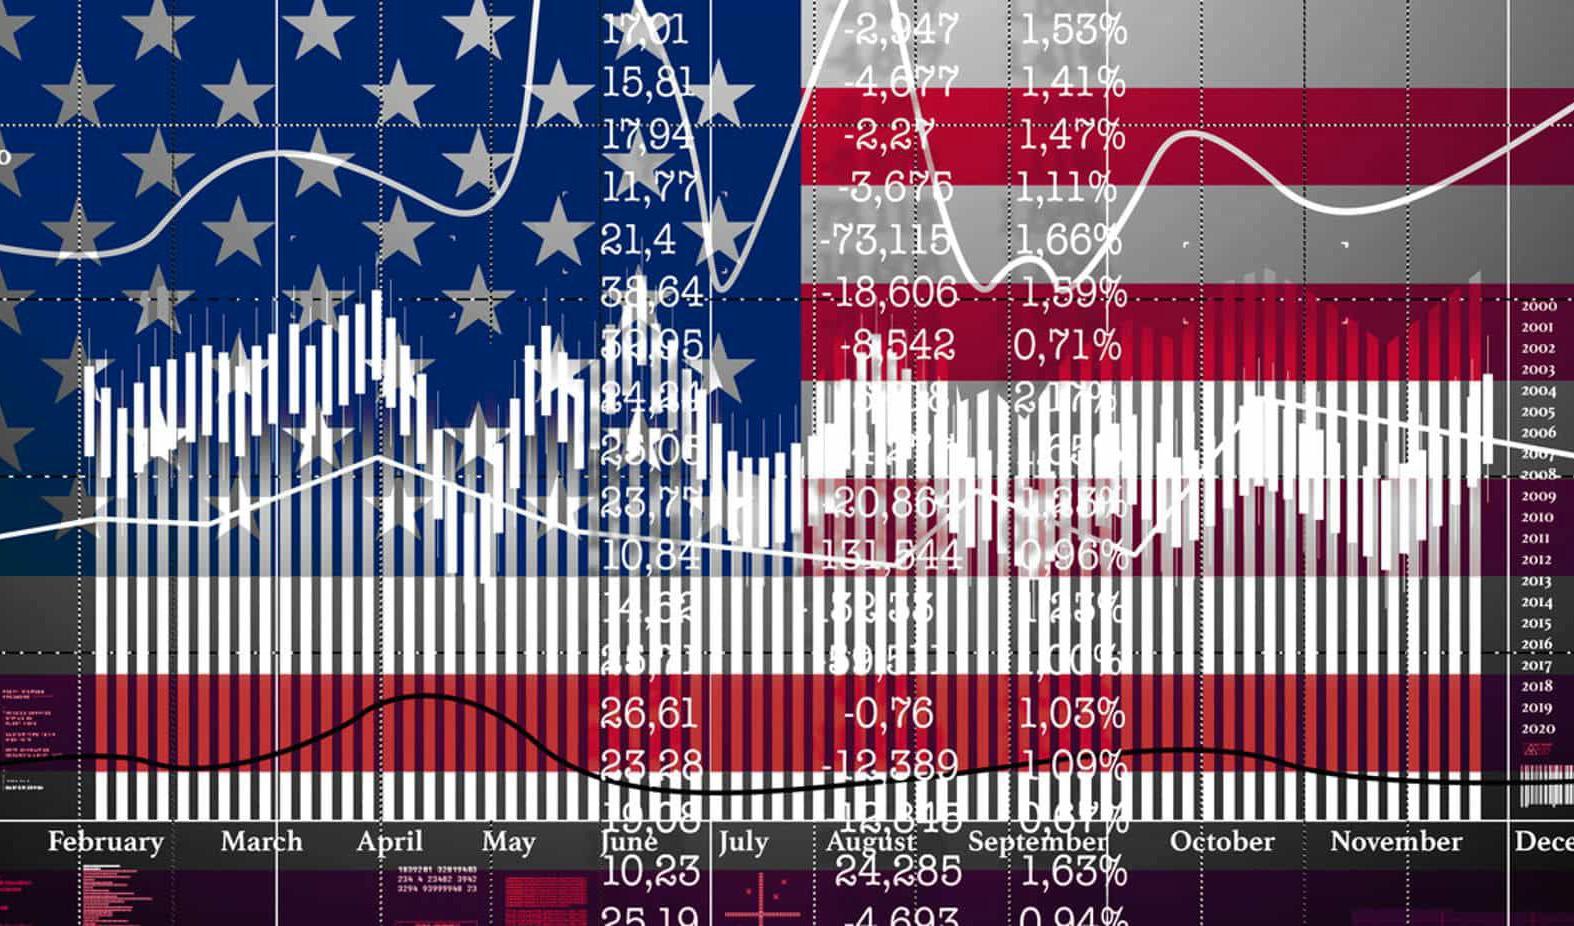 کسری حساب جاری آمریکا به بالاترین رقم 12 سال گذشته رسید